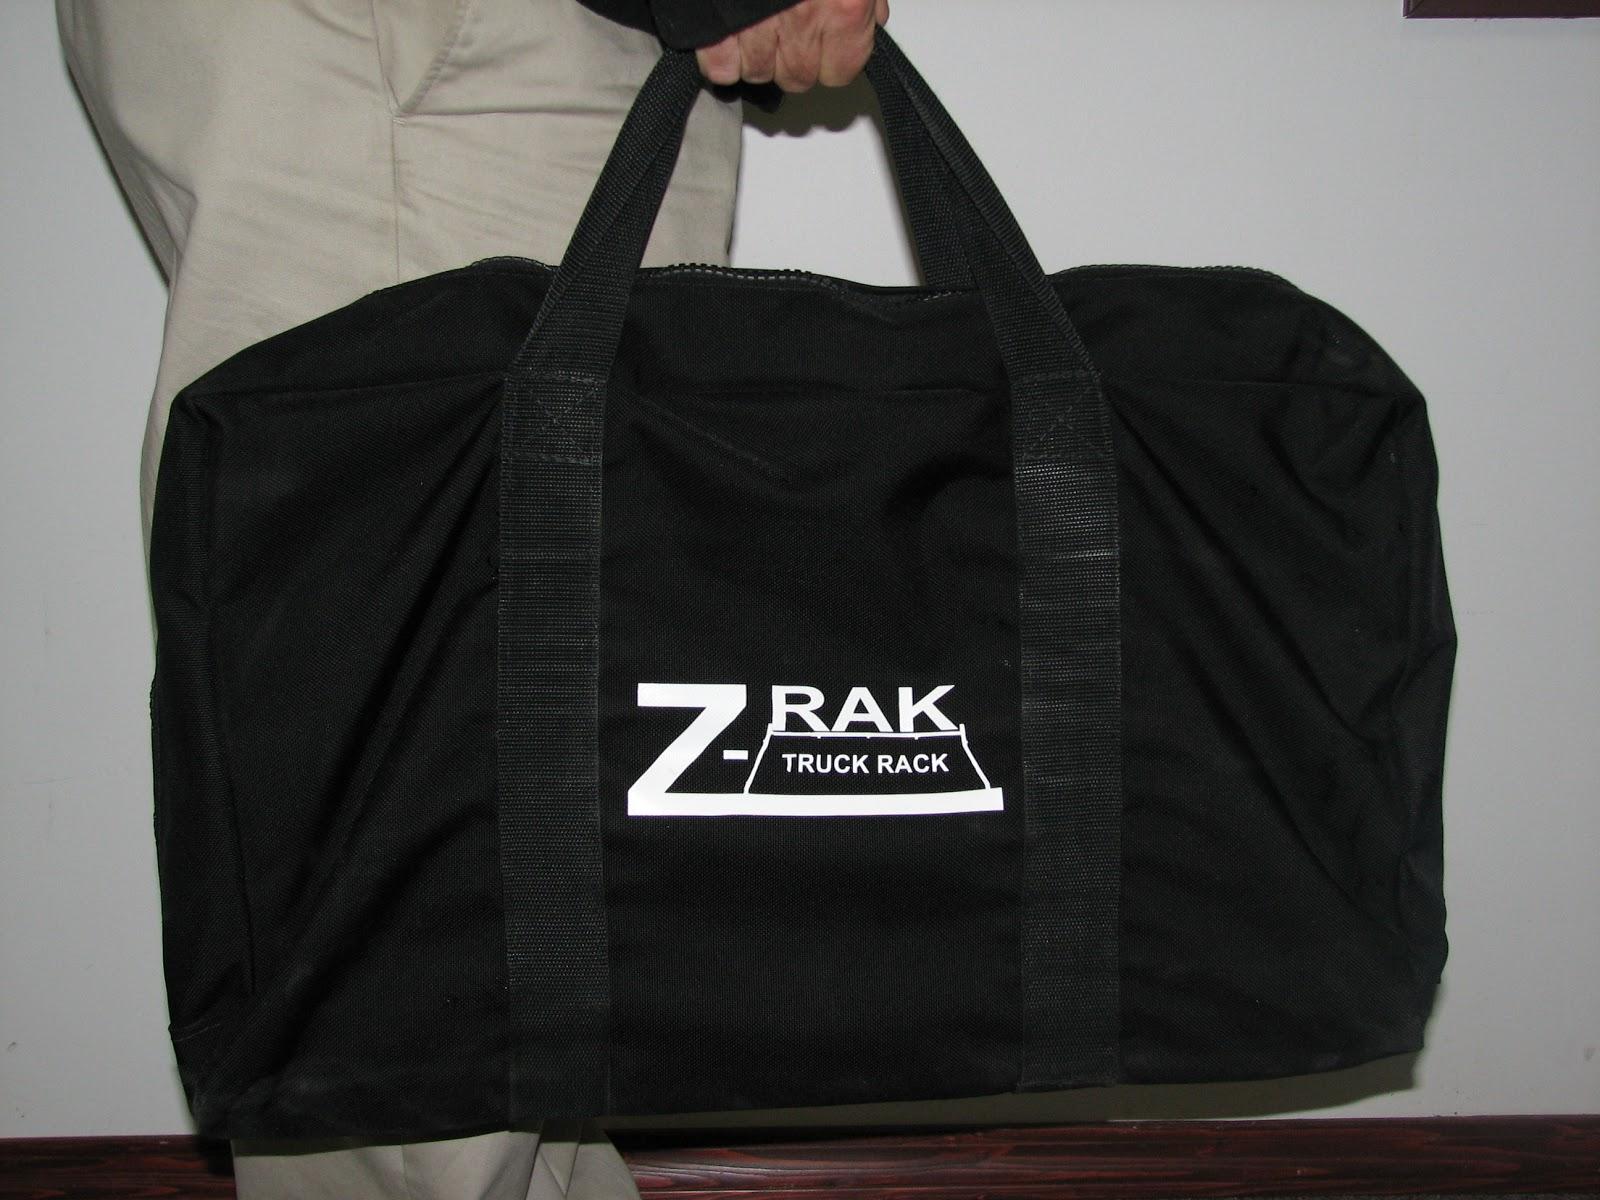 Z-RAK TRUCK RACK